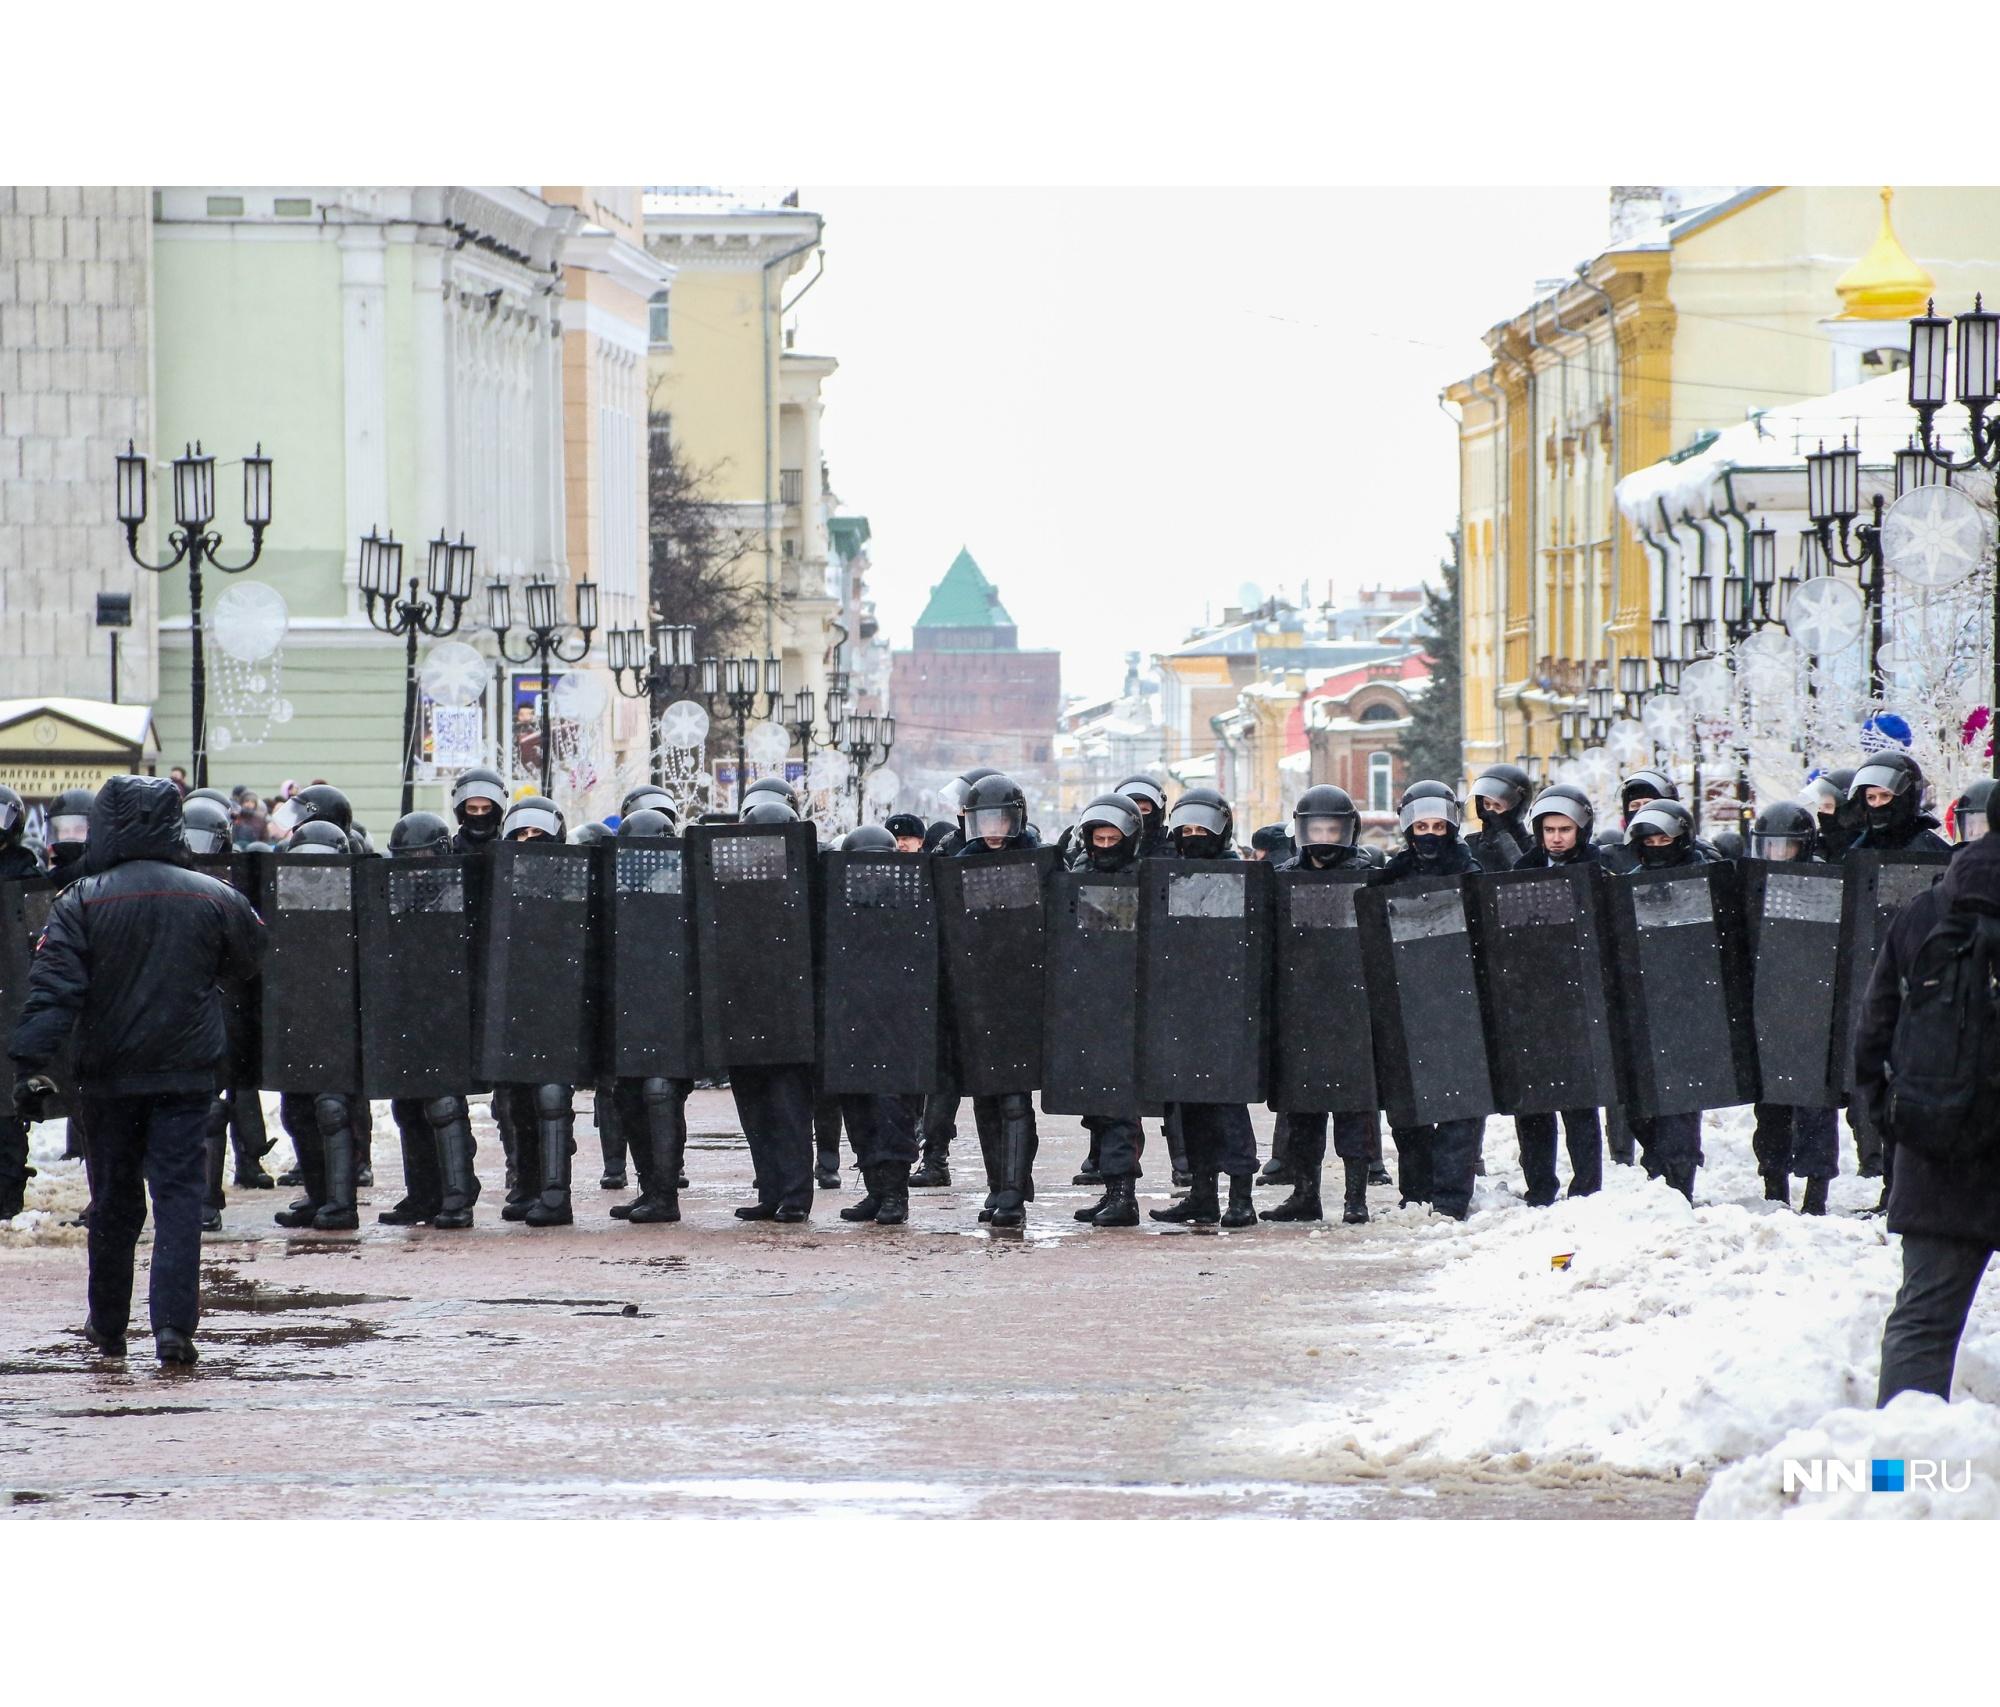 Похожую картину митингующие видели и в прошлые выходные. Правда, тогда, преградив им путь возле кинотеатра «Орленок», ОМОН не применял щиты